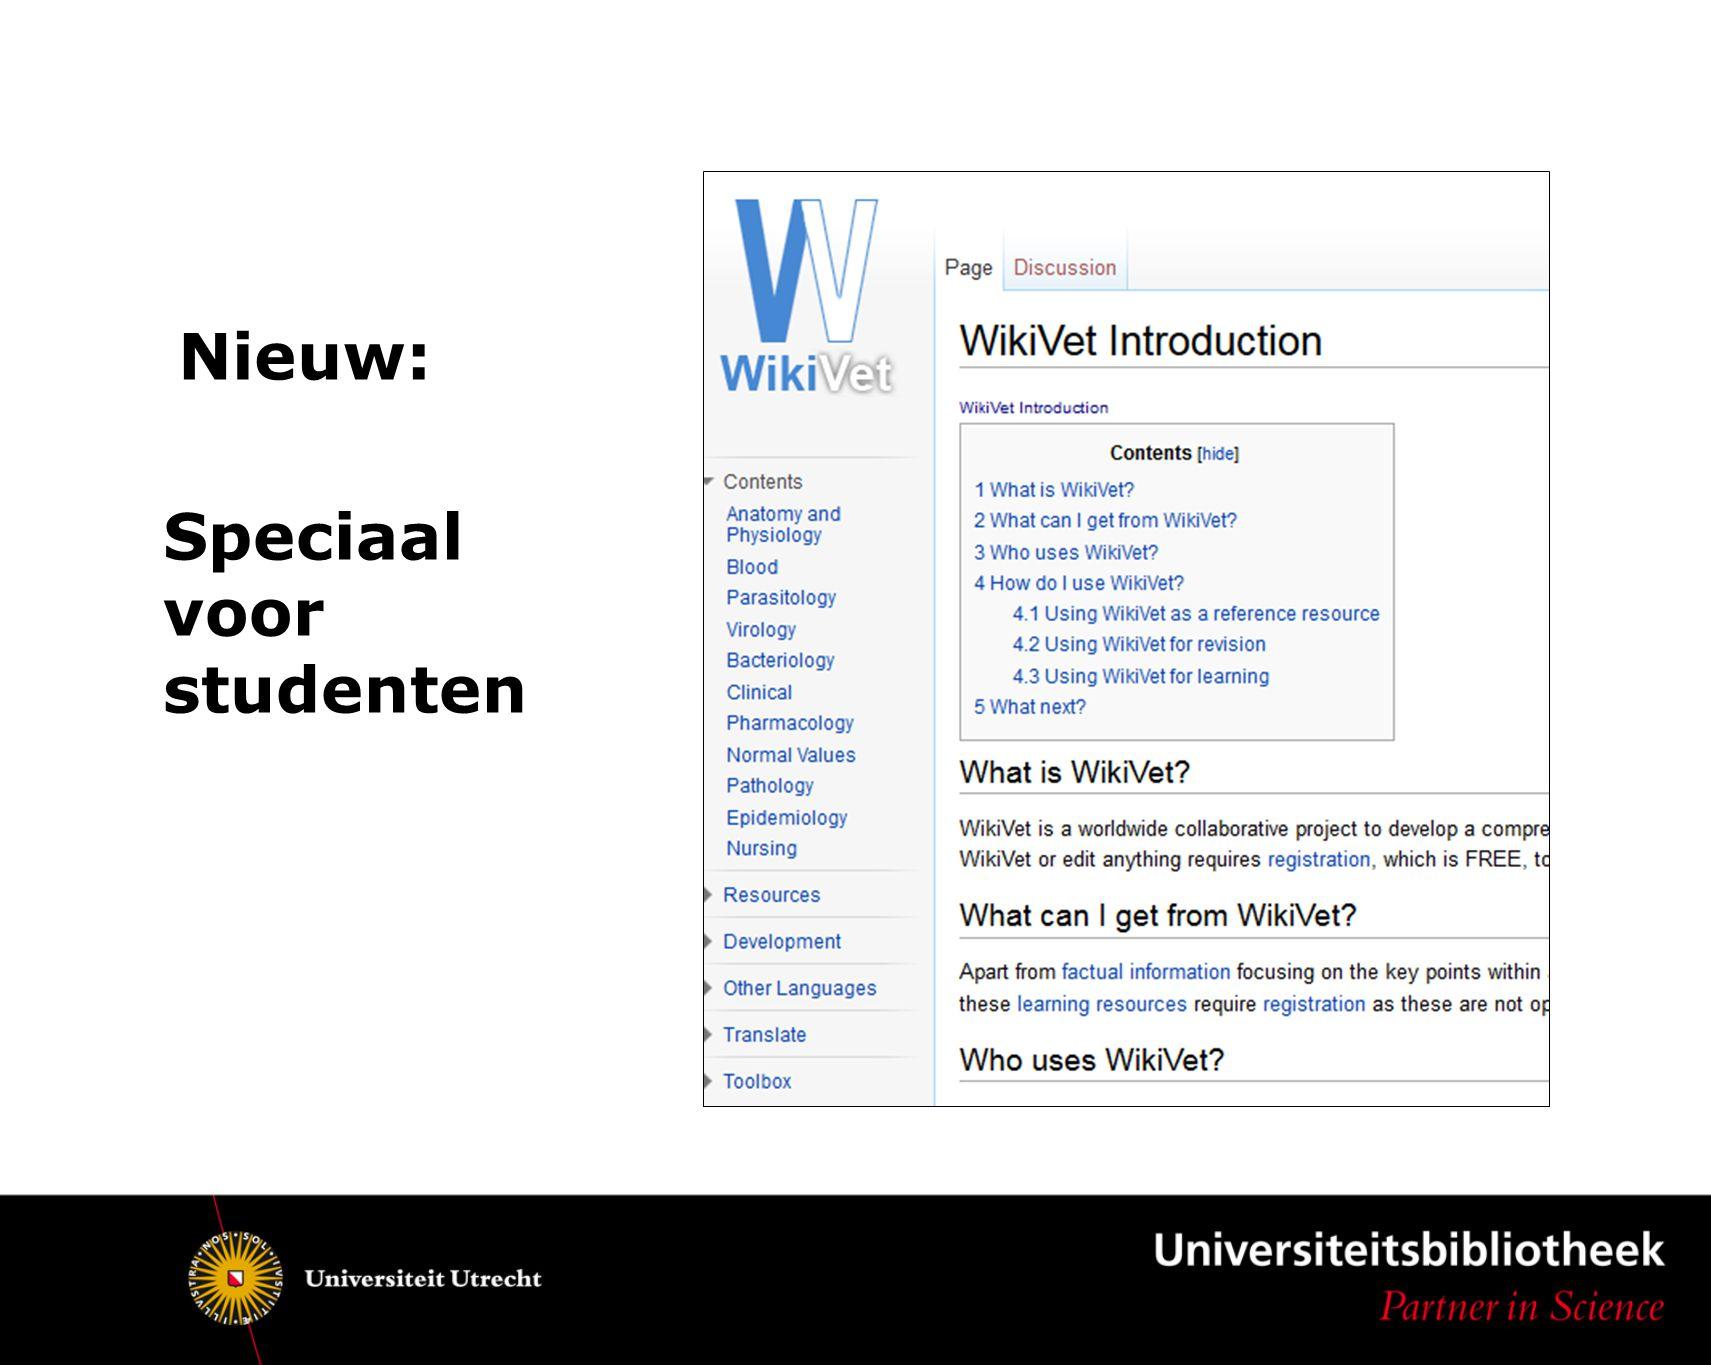 Nieuw: Speciaal voor studenten